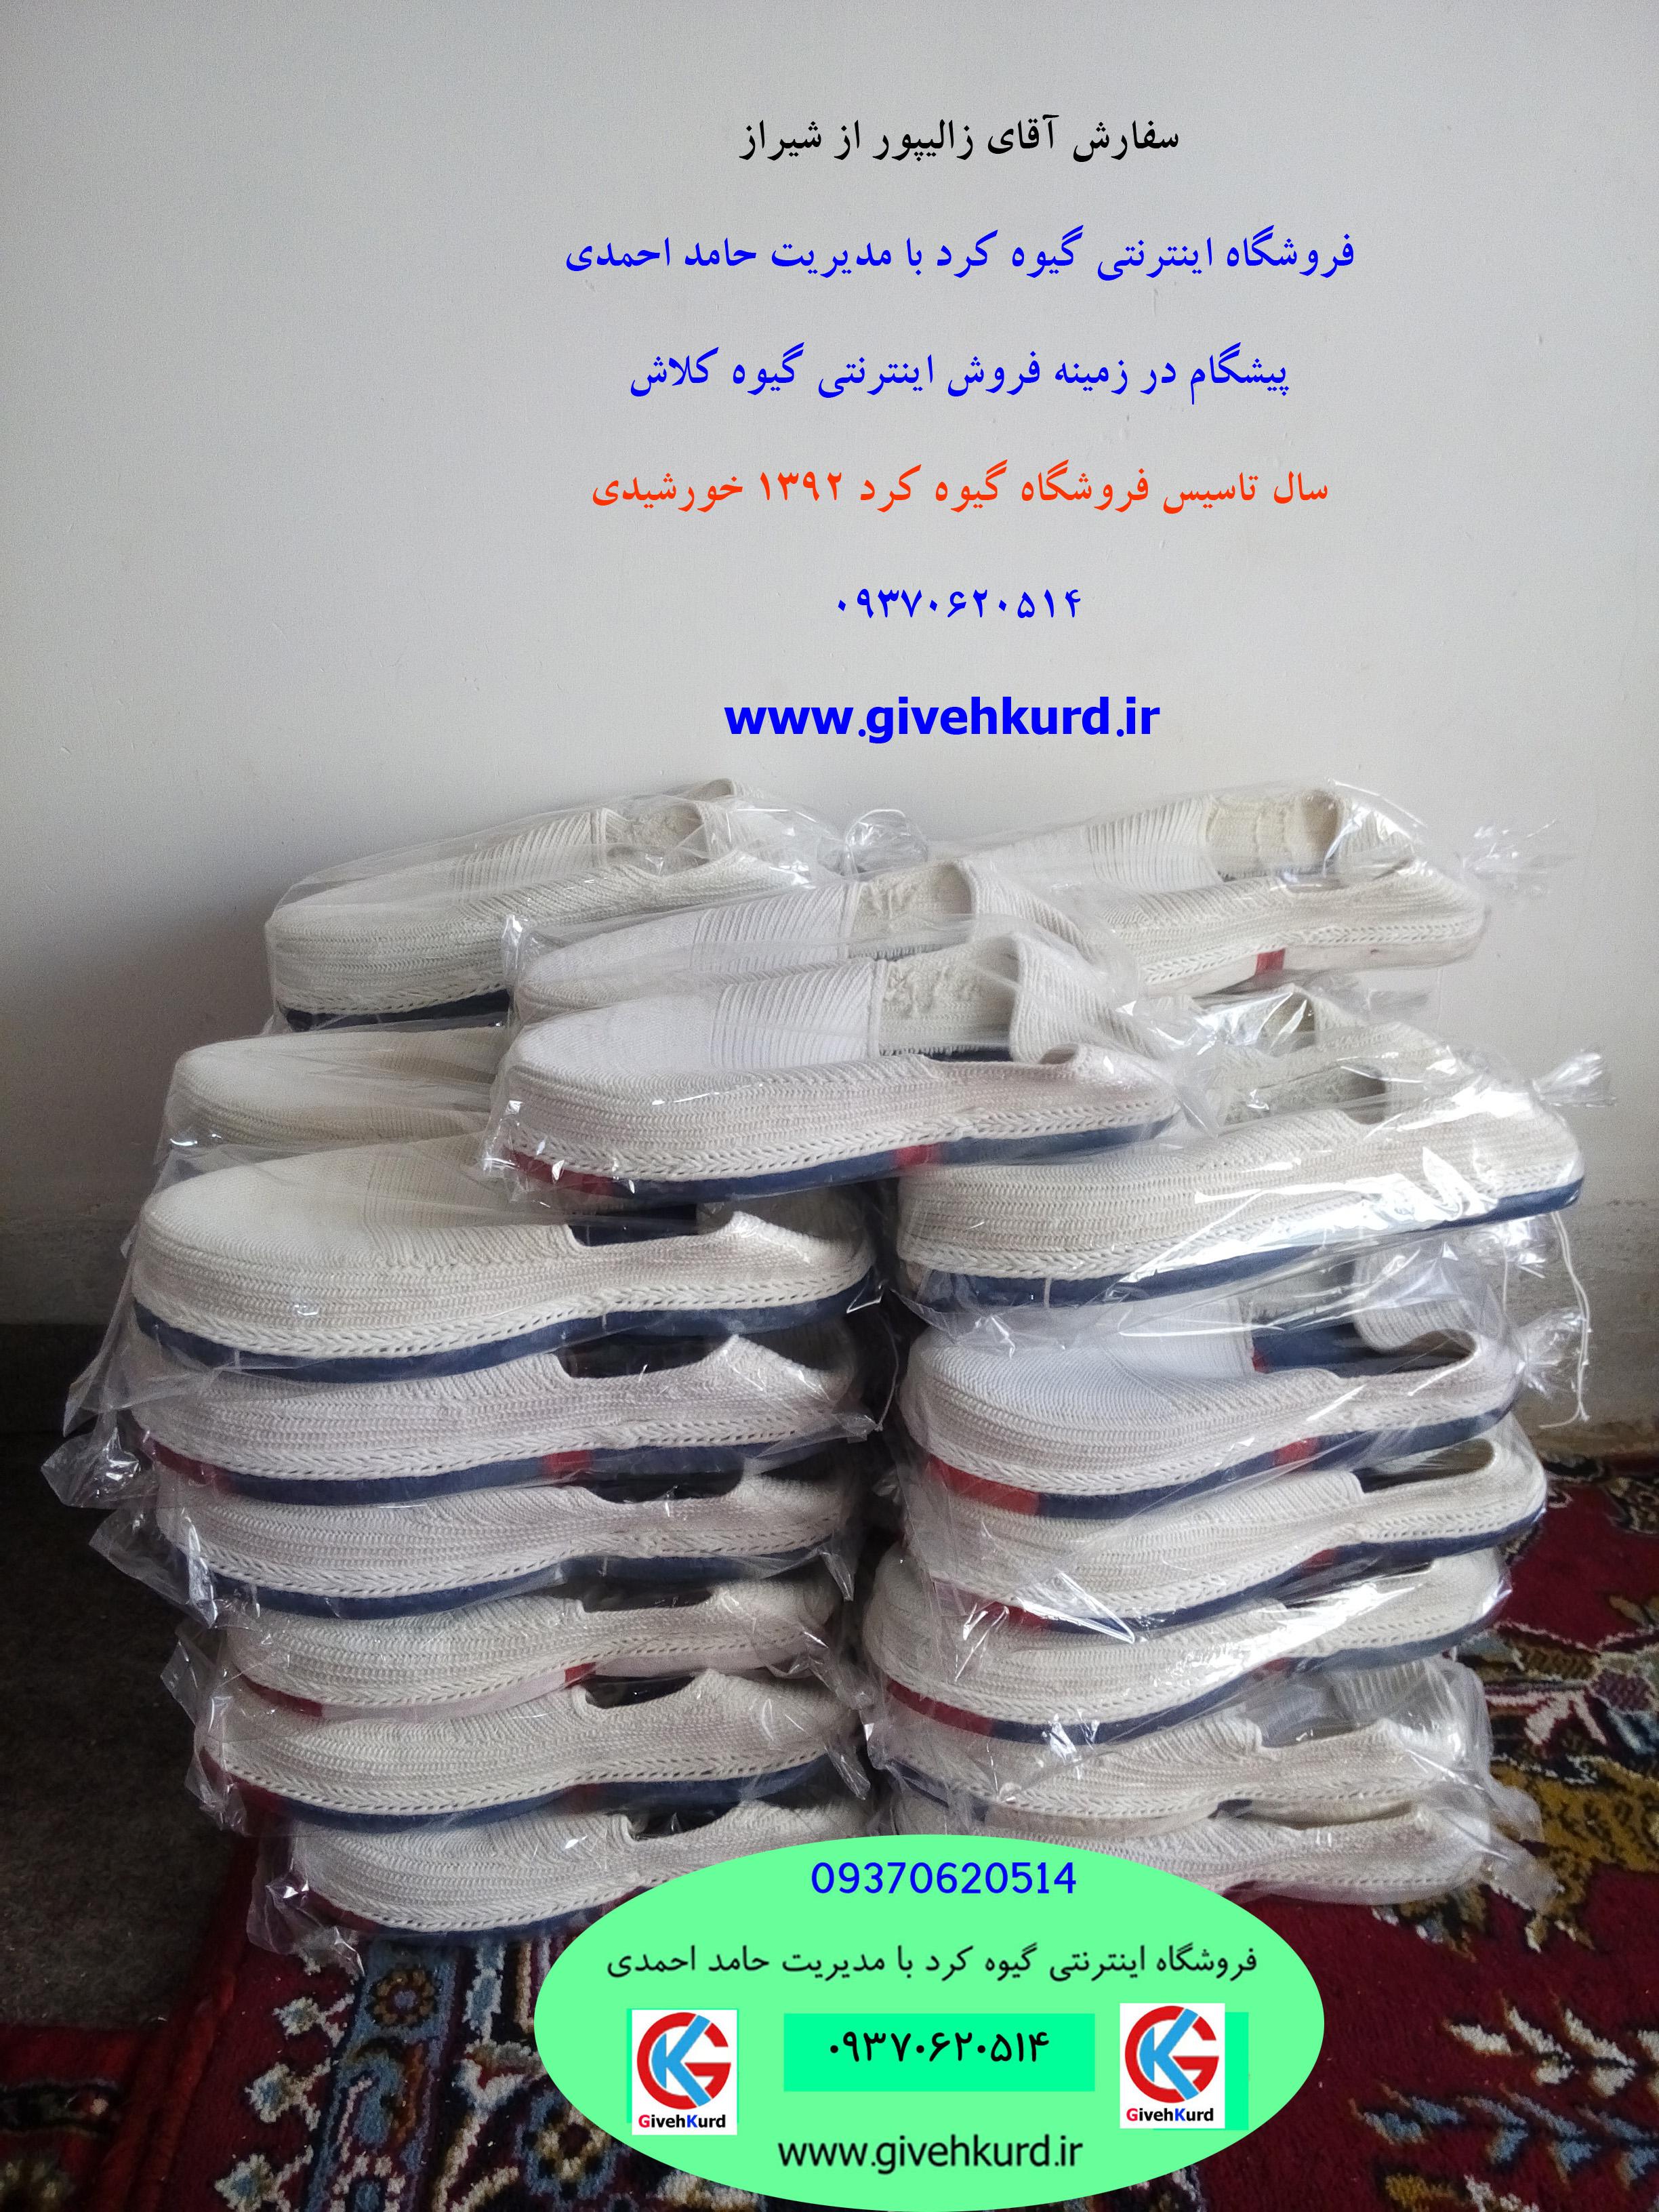 سفارش دوم آقای زالیپور از شیراز